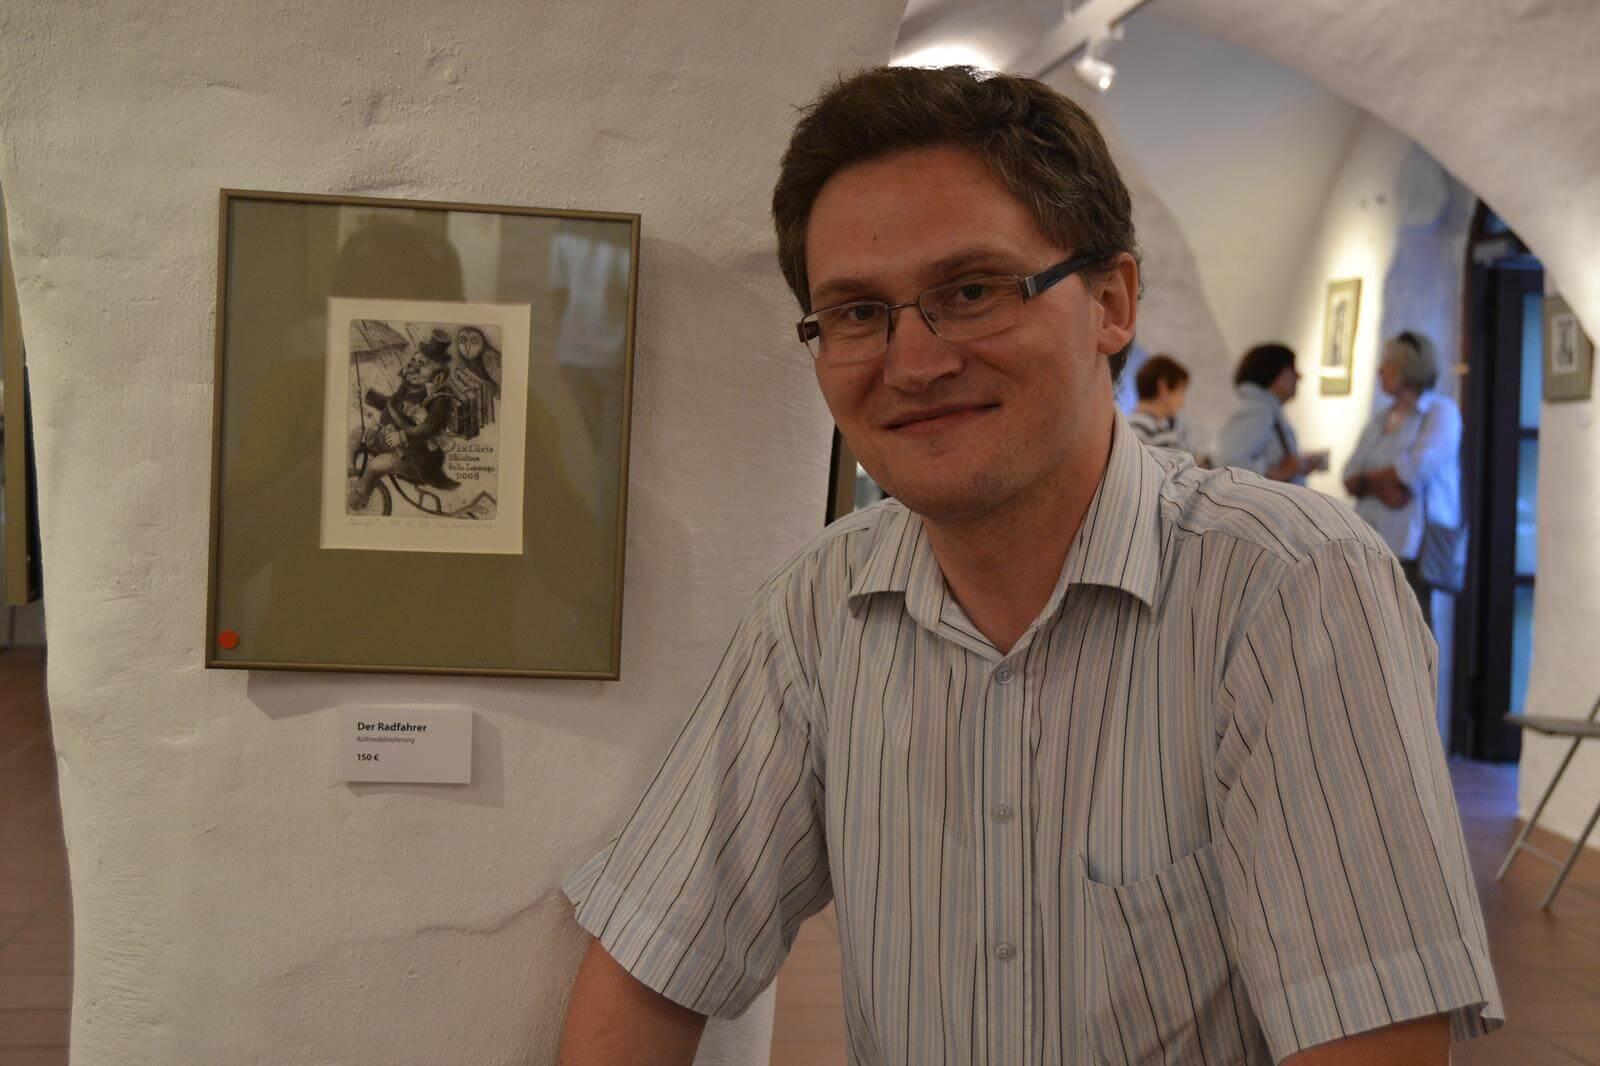 Karol Augustynowicz: Ausstellung Städtische Galerie Schwabach, Foto: Reinhard Klix